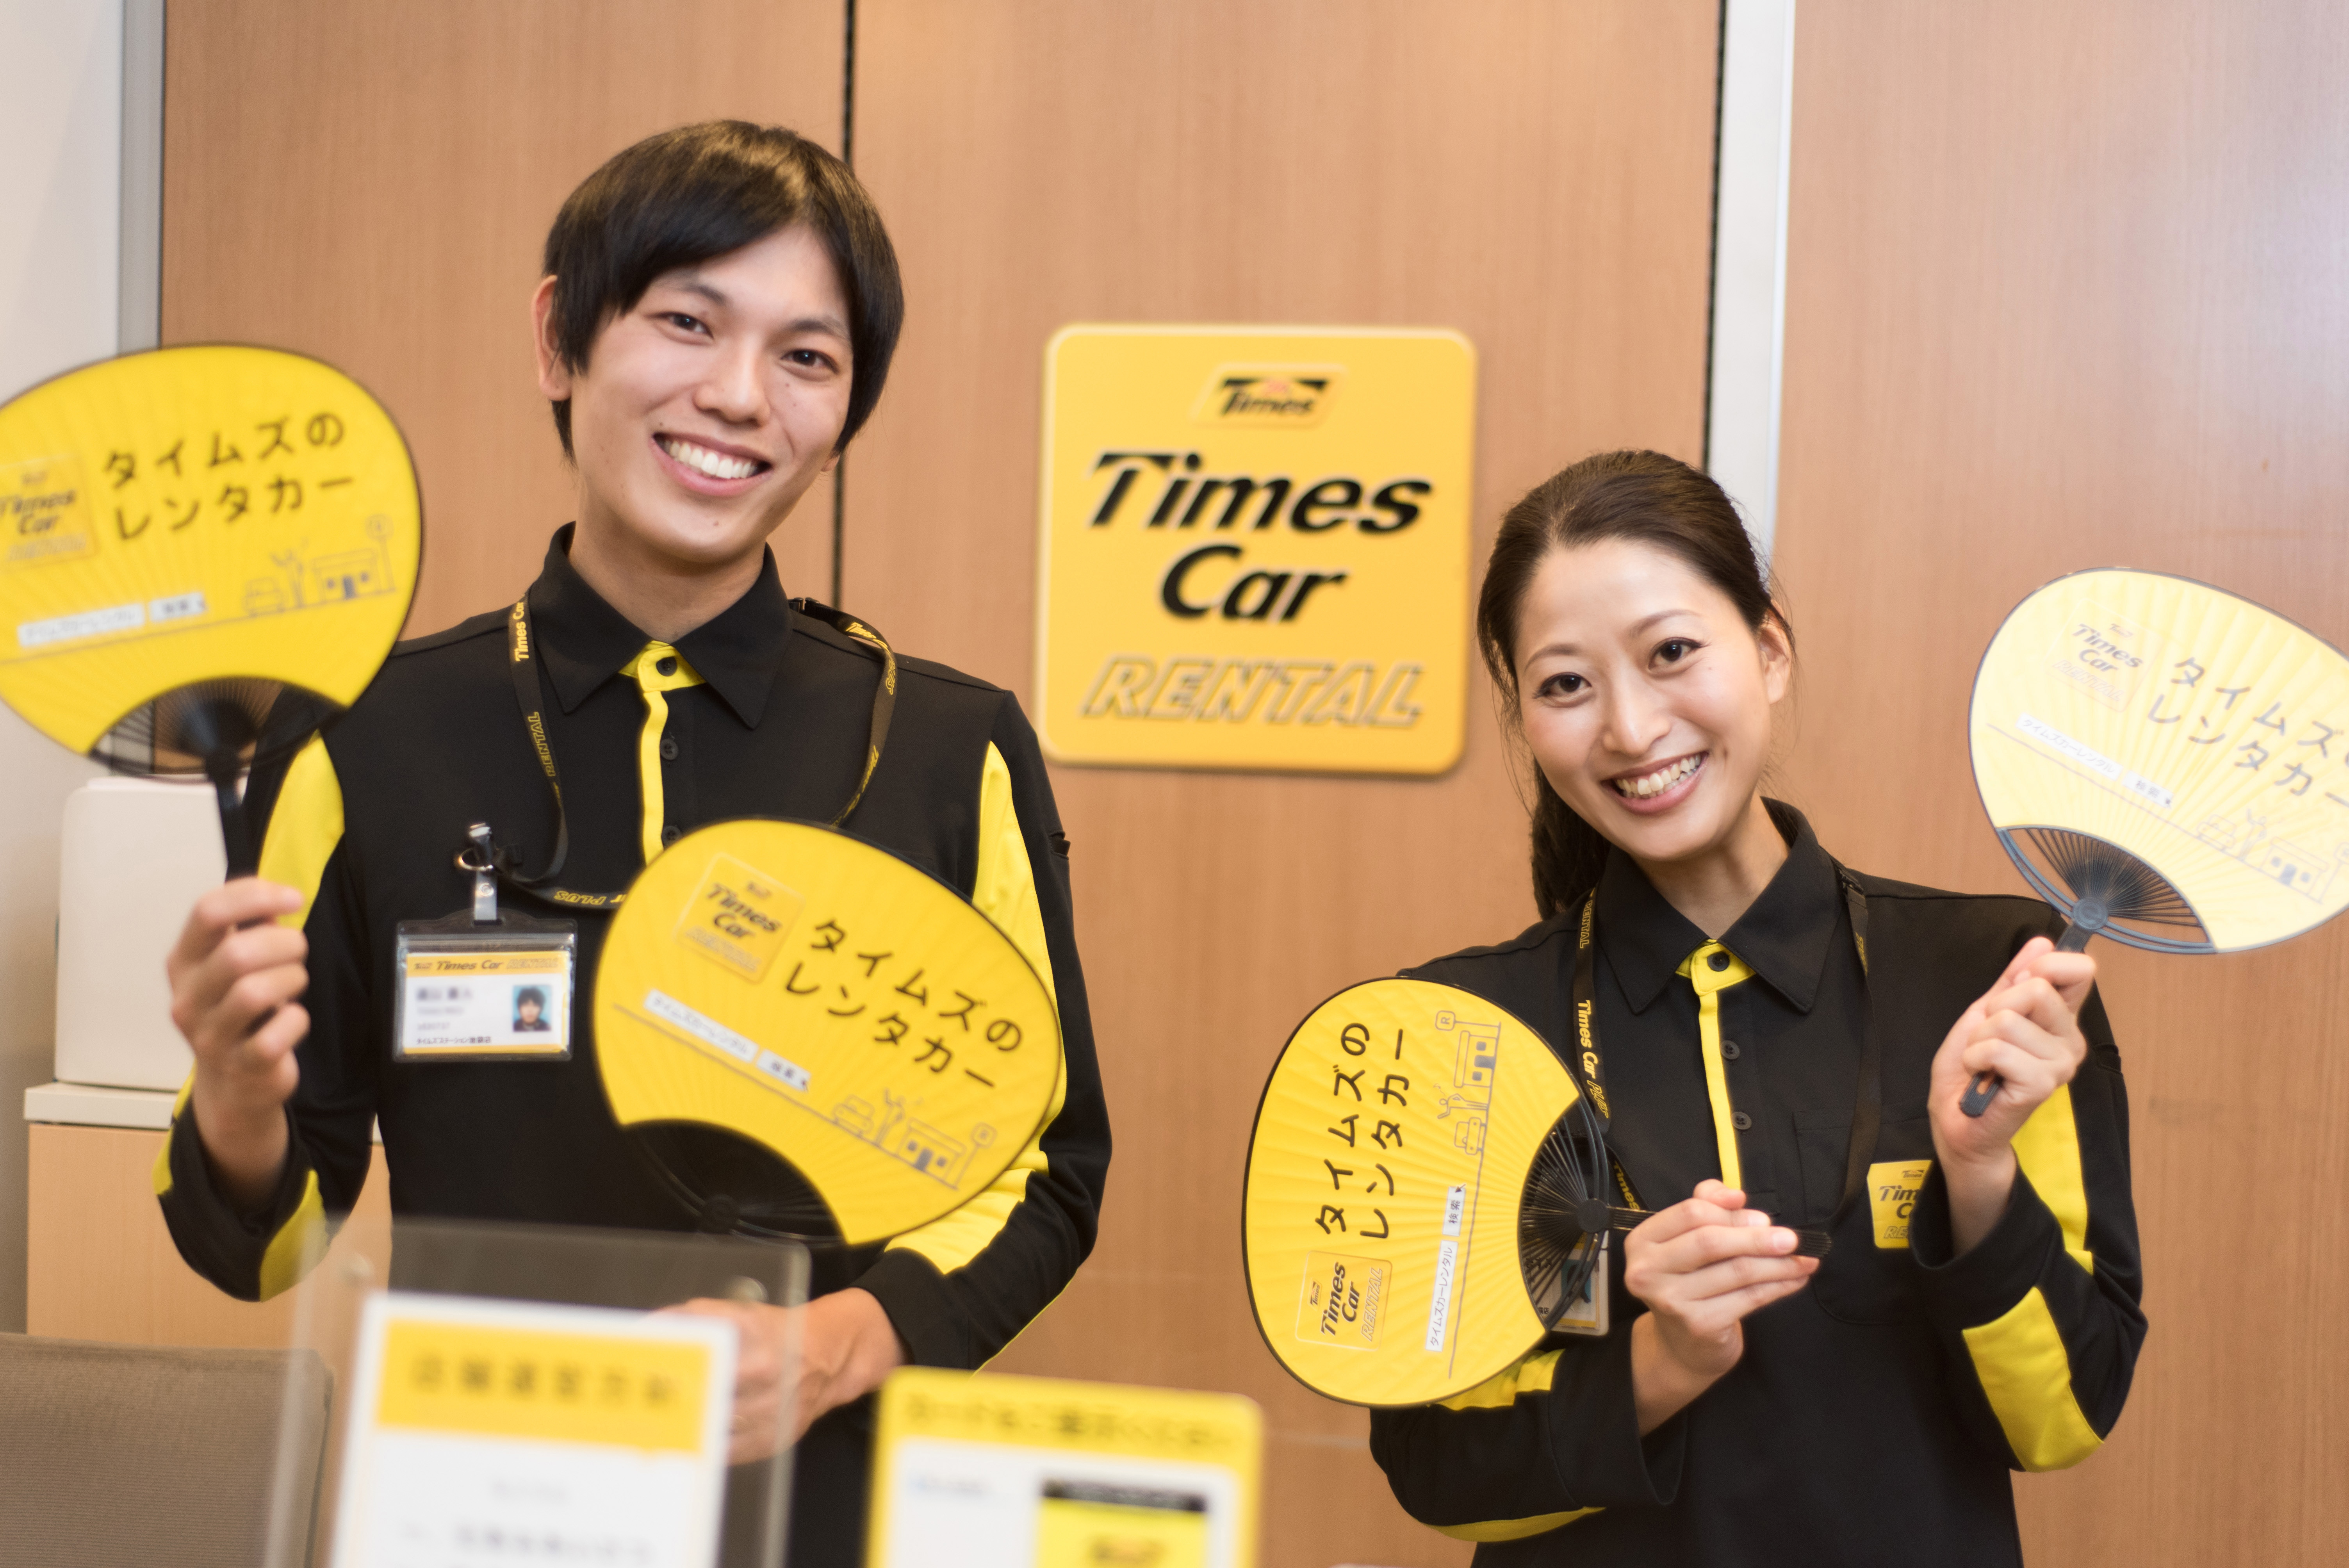 タイムズカーレンタル 京都新幹線口店 のアルバイト情報